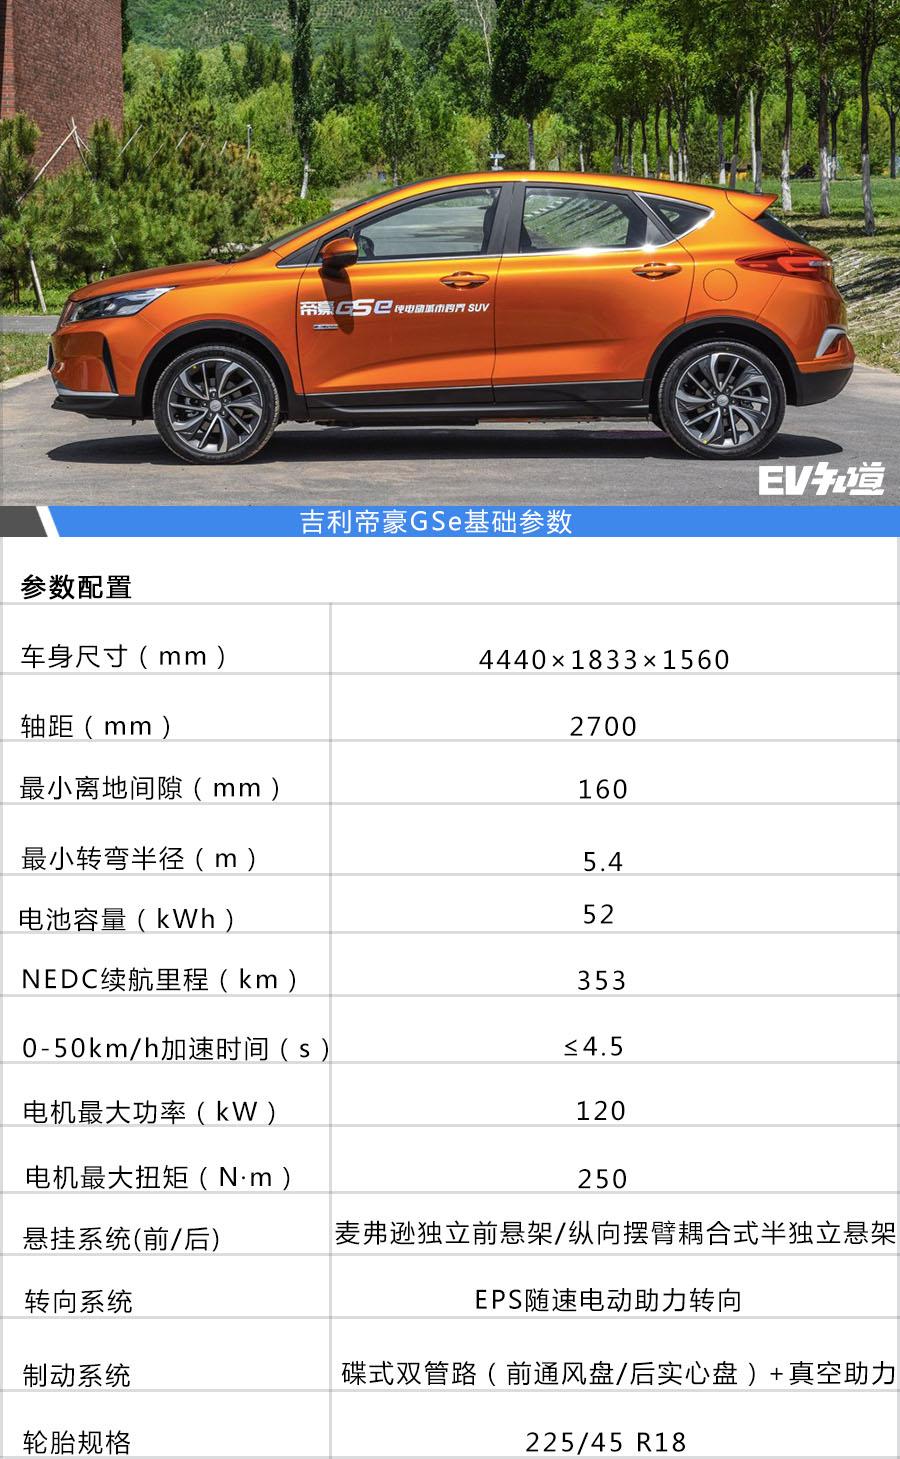 颜值/续航/配置 15万元电动车推荐